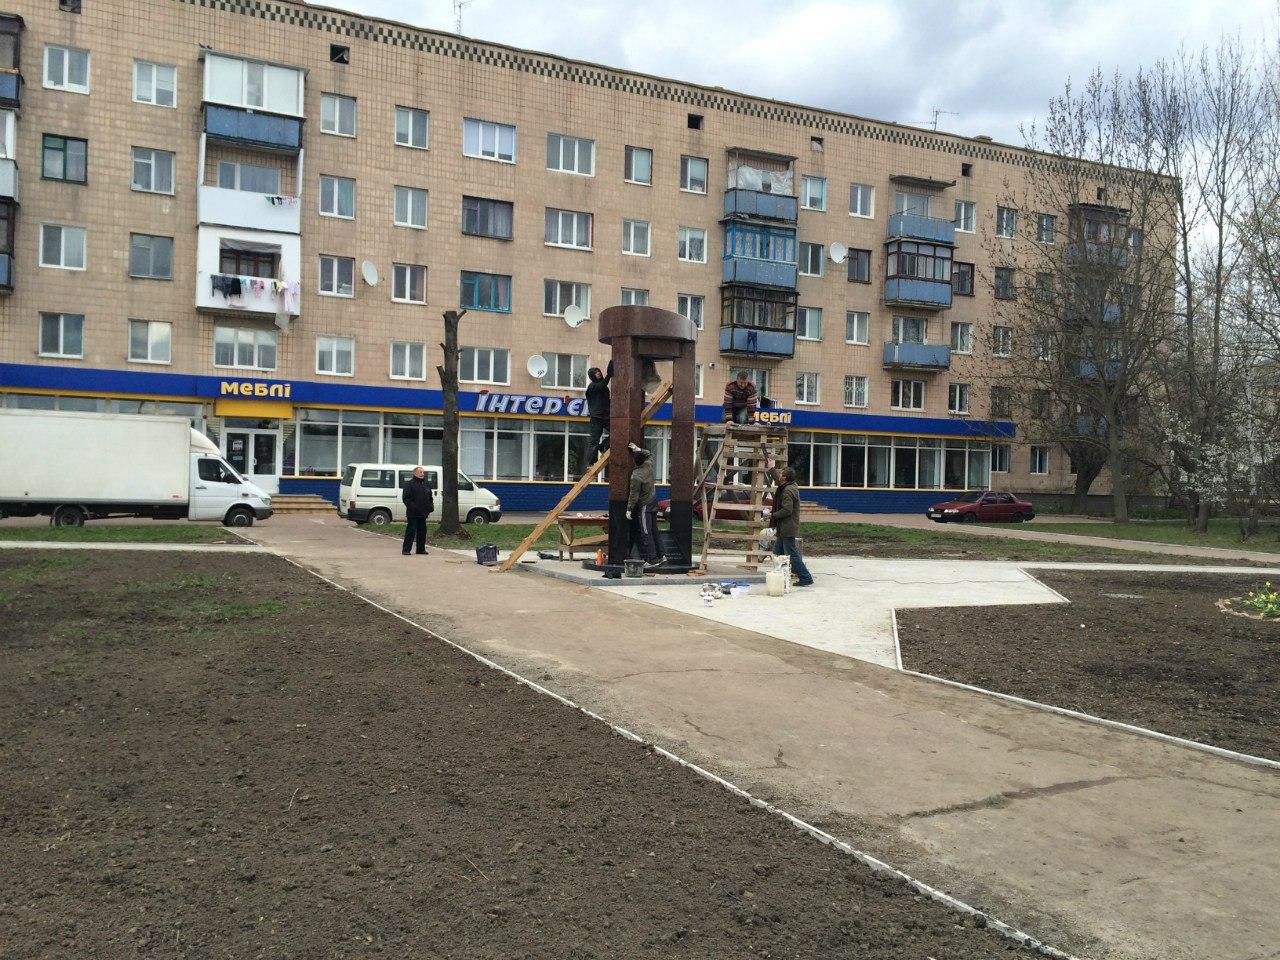 памятник чернобыли, памятник ликвидаторам АЭС, Бердичев, Нехворовский